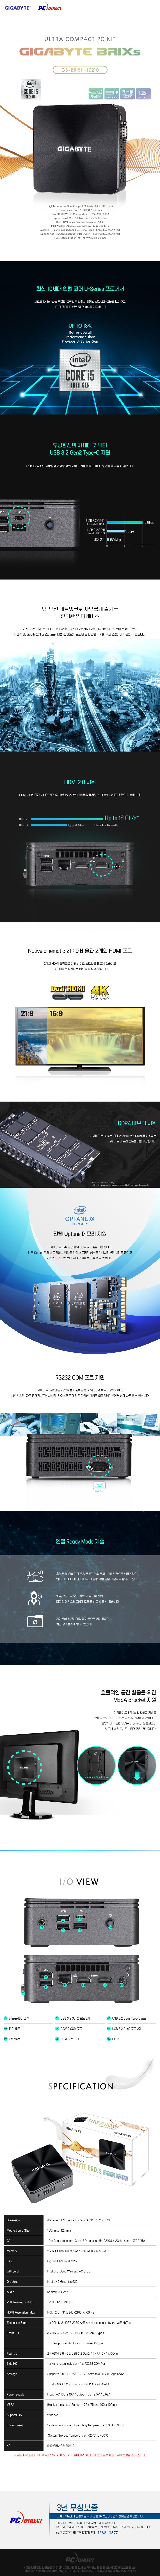 GIGABYTE BRIX GB-BRi5H-10210 SSD 피씨디렉트 (32GB, SSD 240GB)